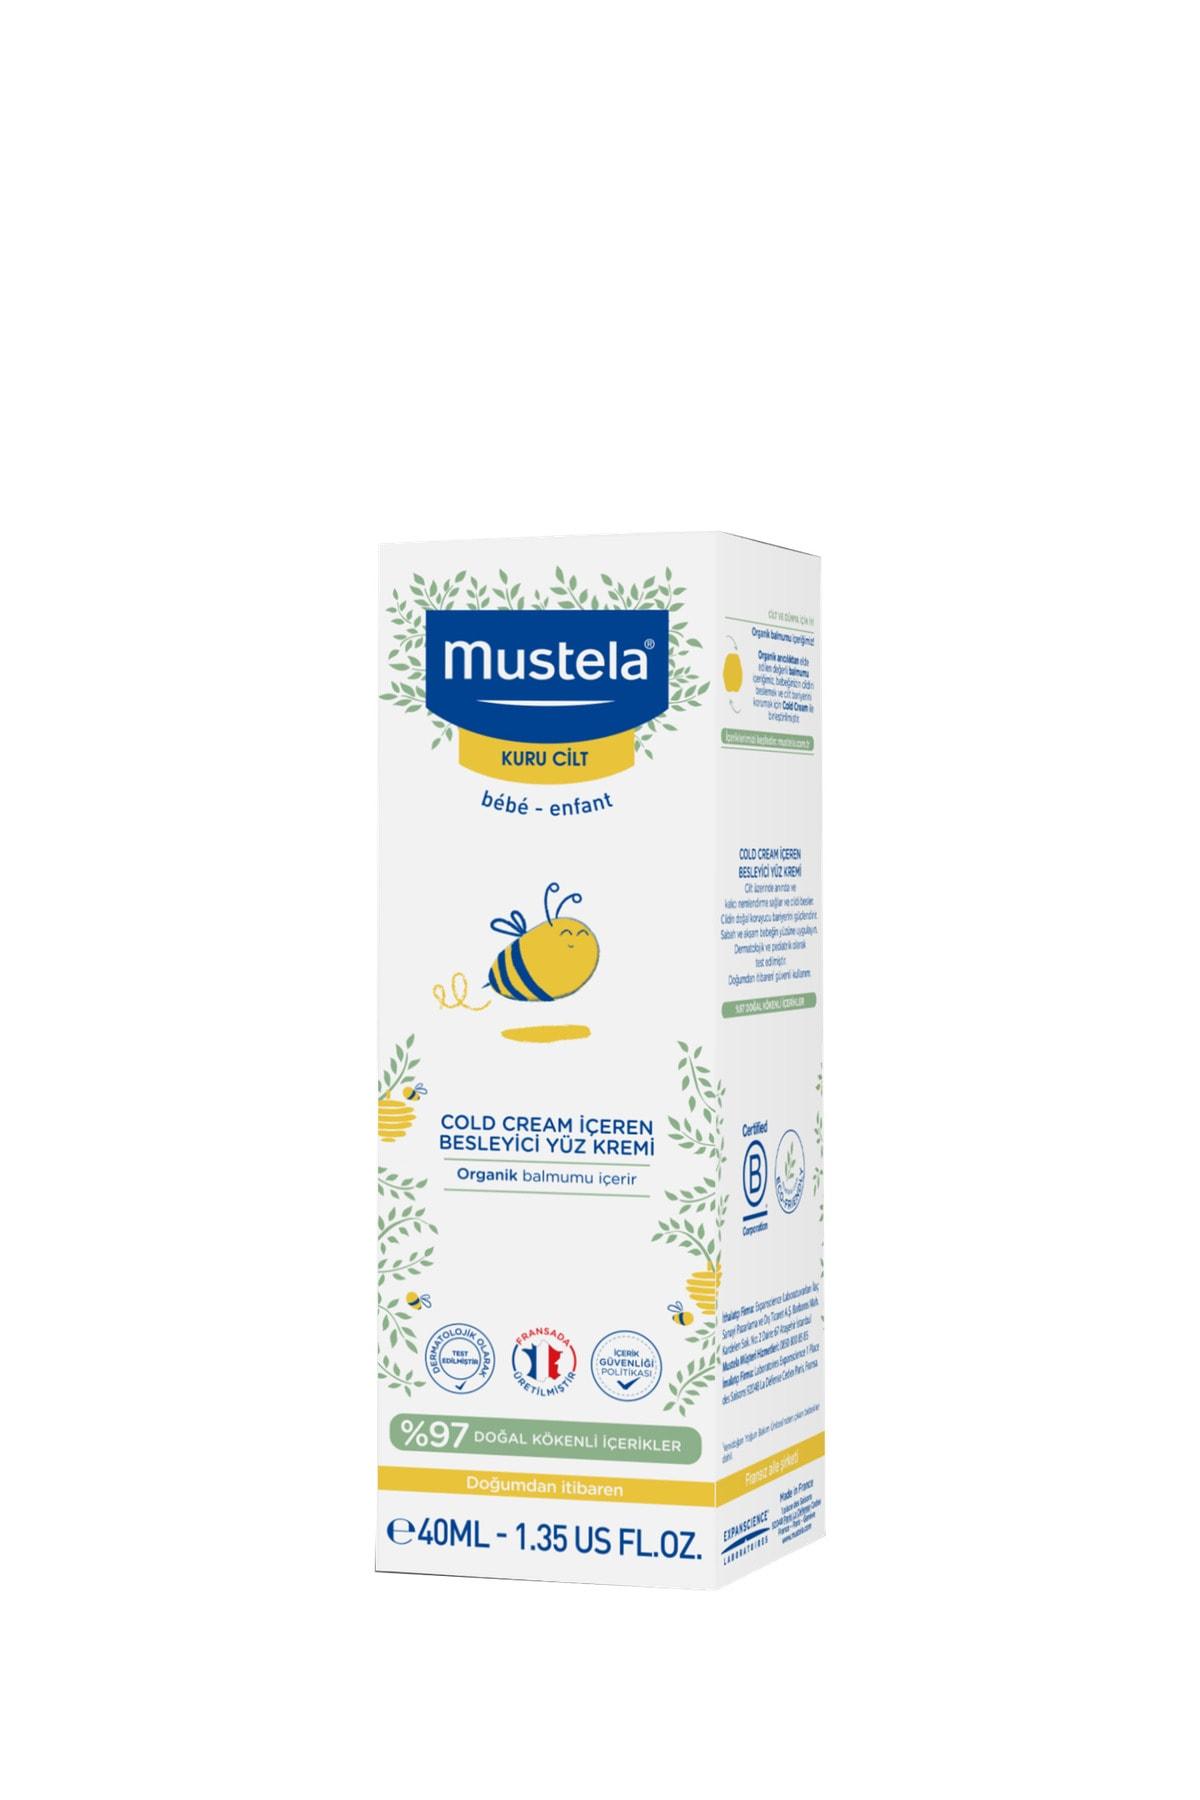 Mustela Cold Cream Içeren Besleyici Yüz Kremi 40 Ml 1